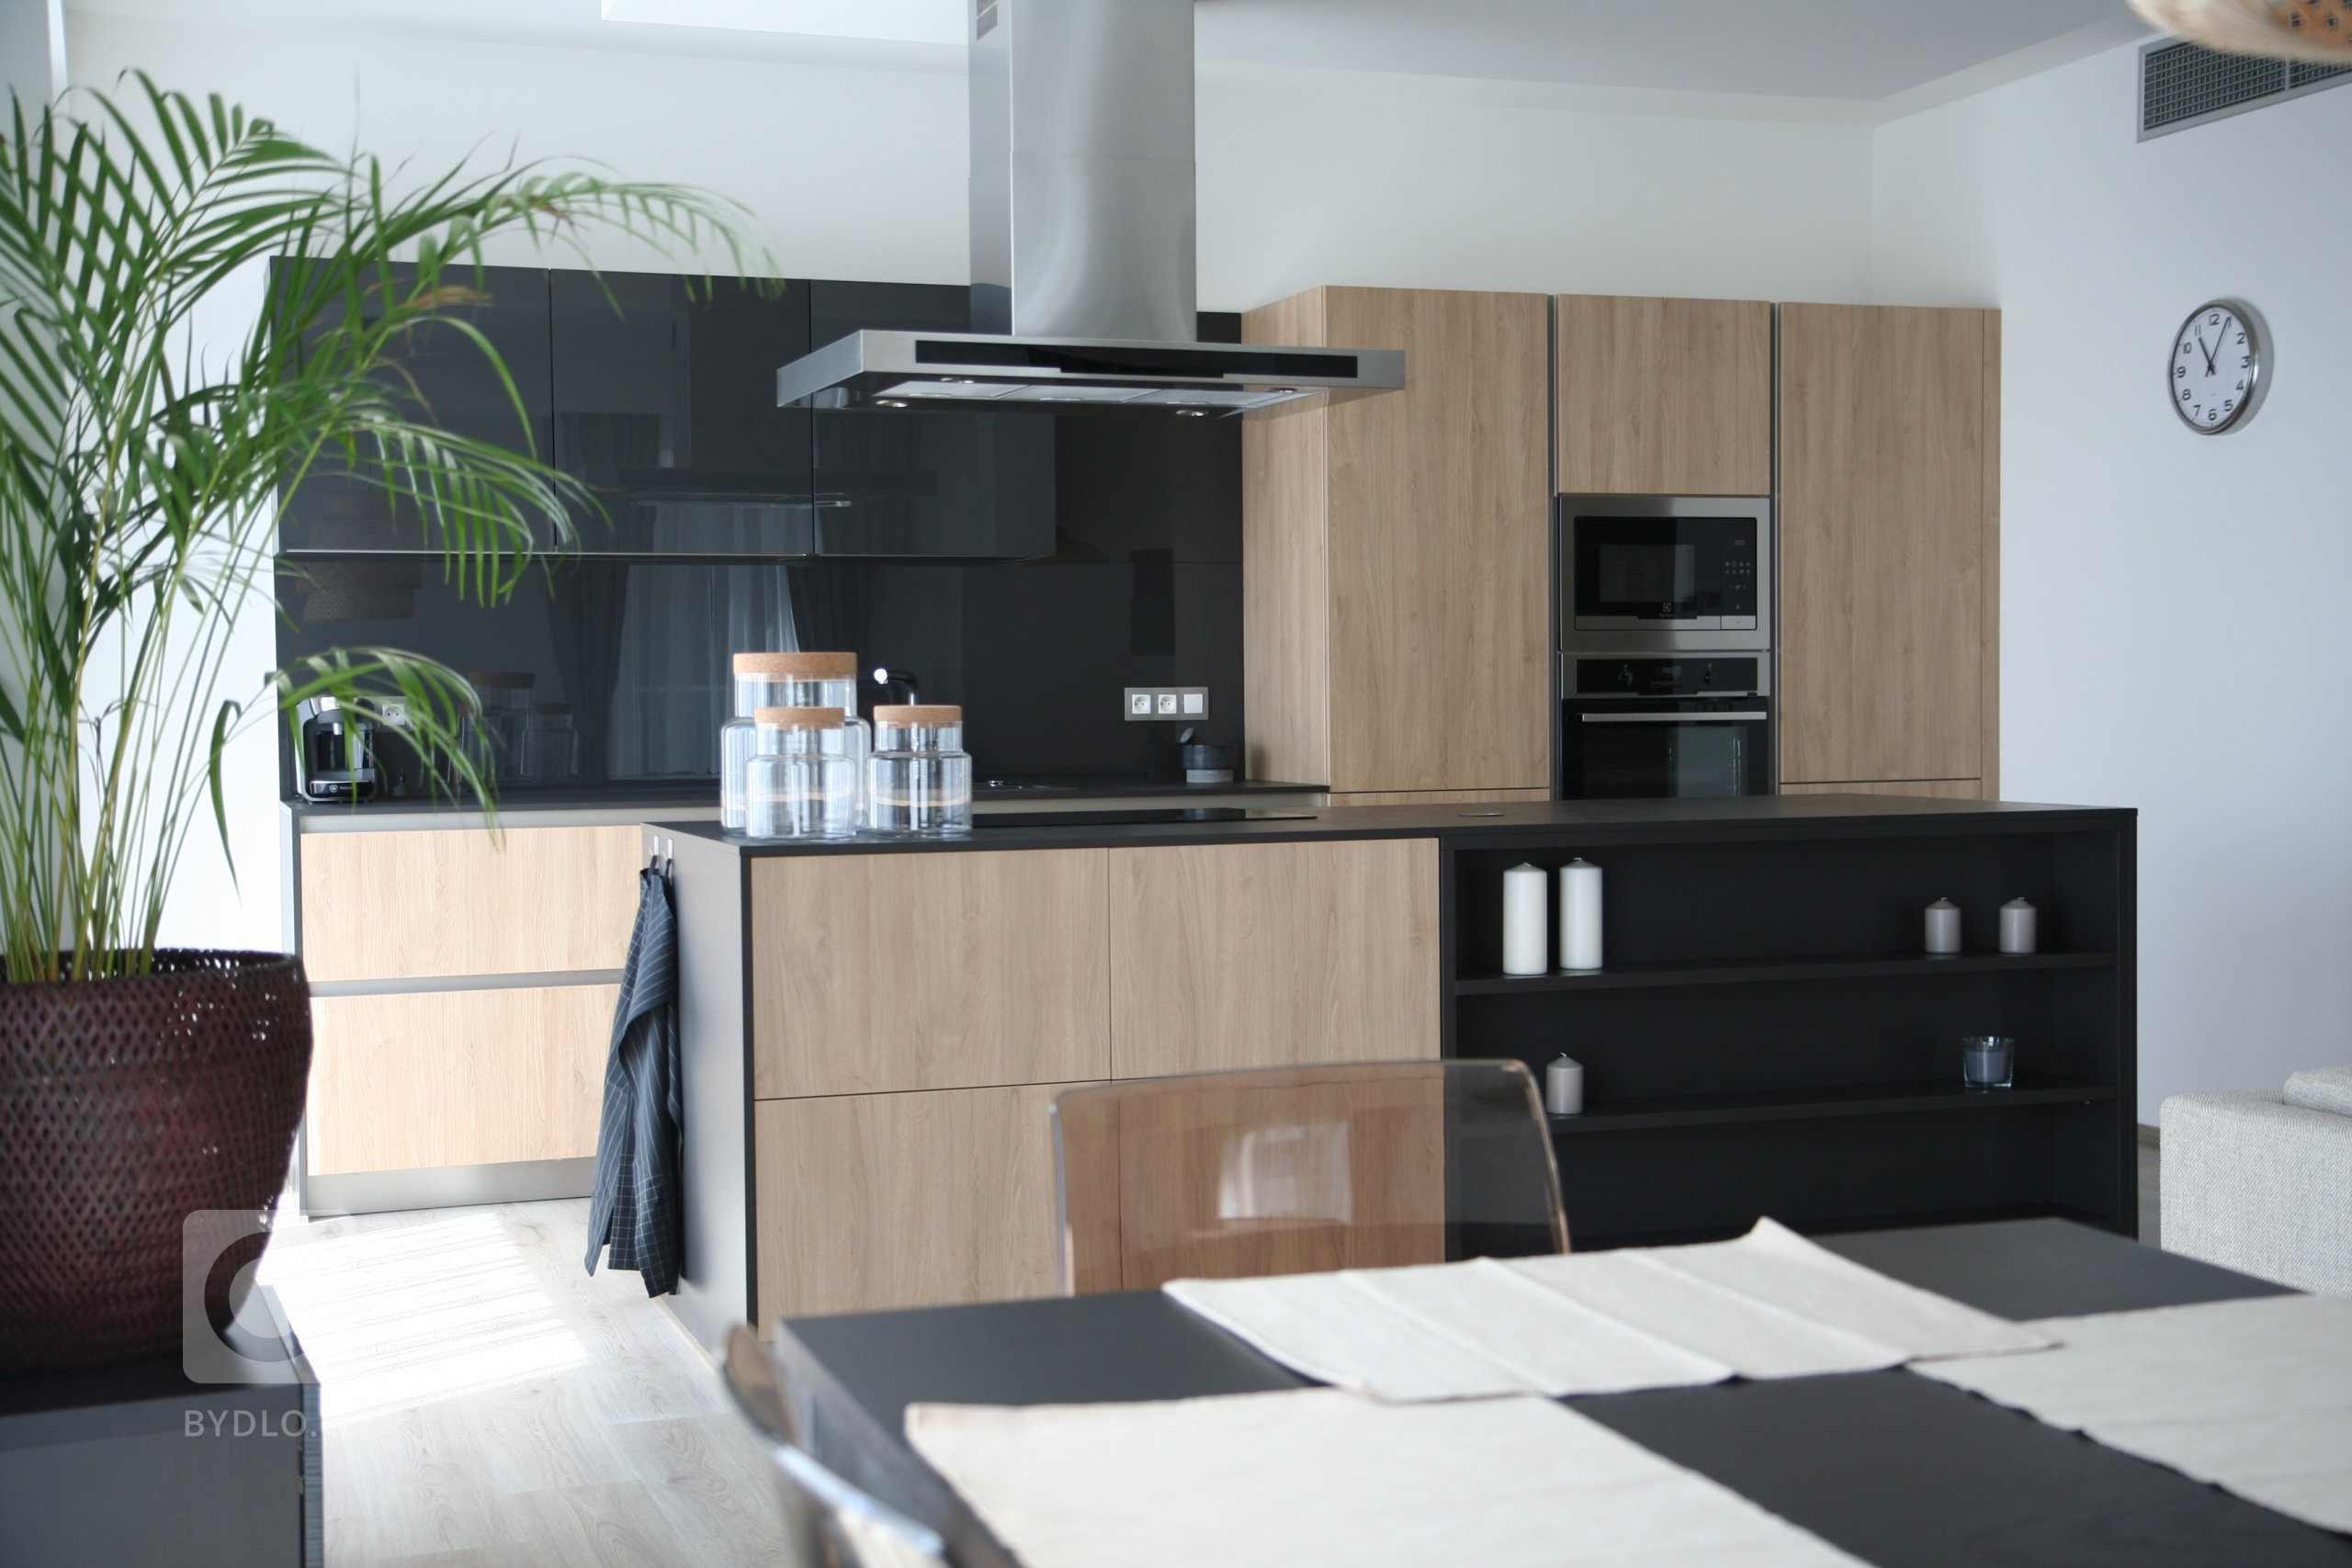 Další z našich realizací, tentokrát ve vzorovém bytě pražského developera. Imitace dubu v kombinaci s lakem Unigloss ve vysokém lesku. Kuchyň je vybavena…